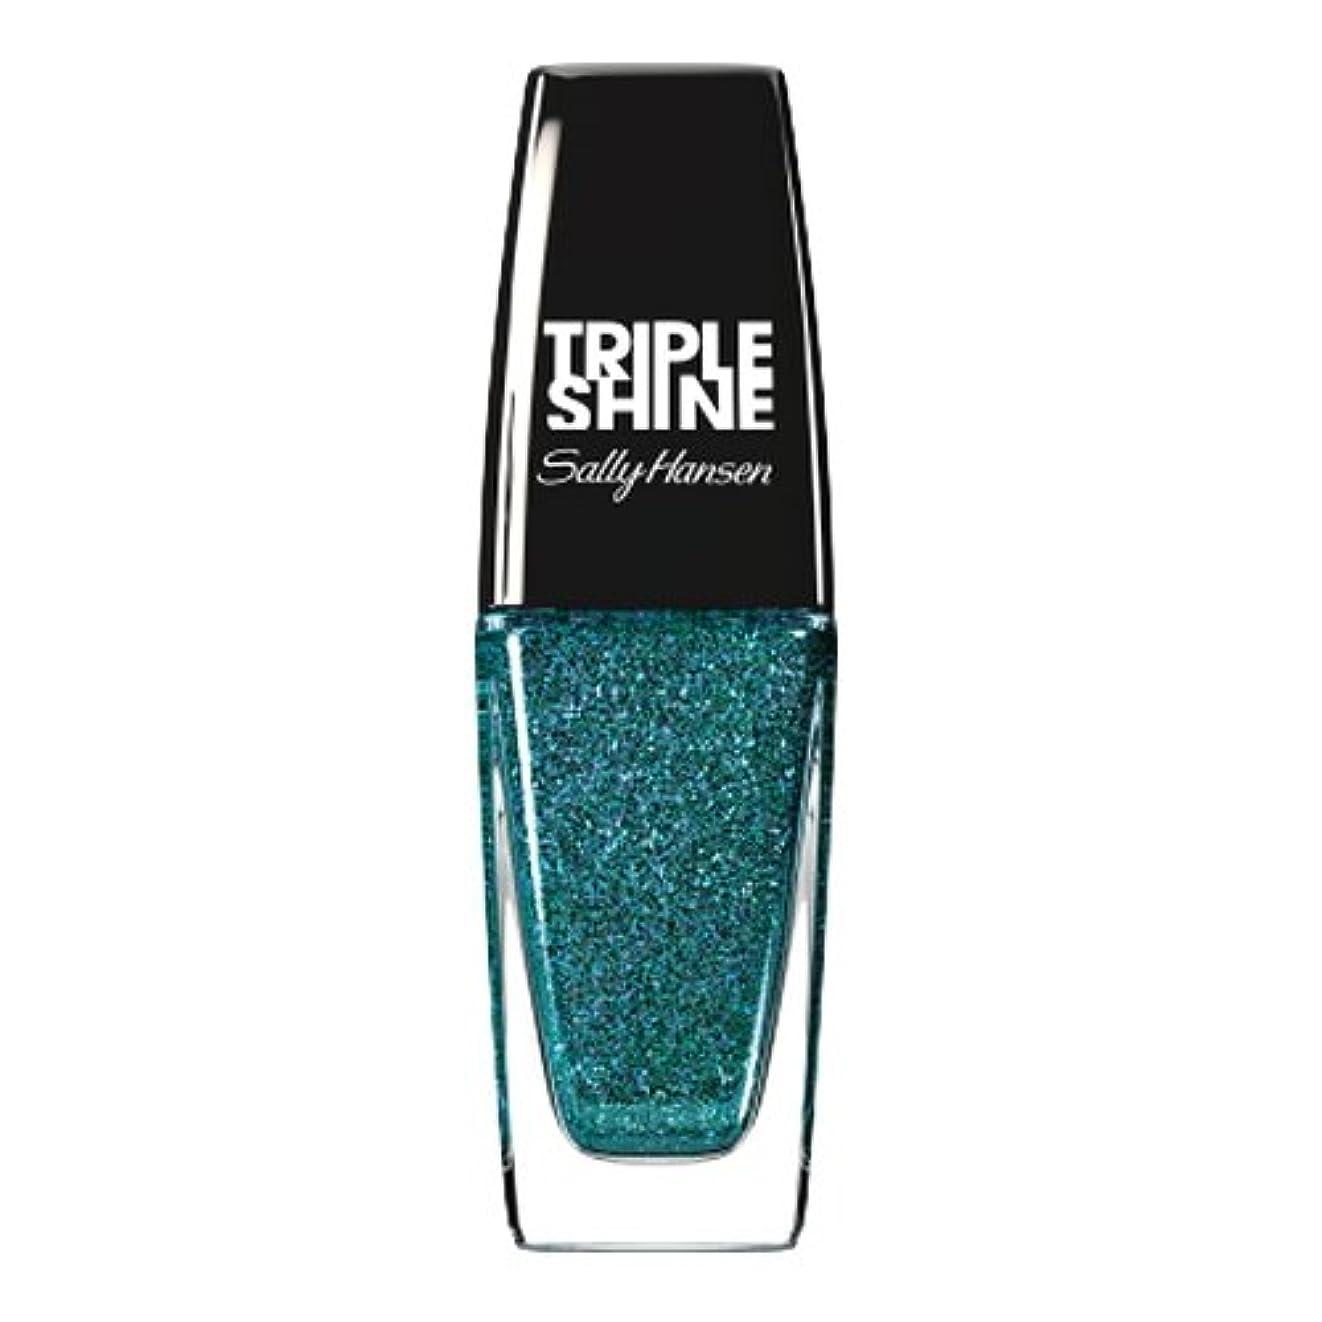 告白する急速なアノイSALLY HANSEN Triple Shine Nail Polish - Sparkling Water (並行輸入品)